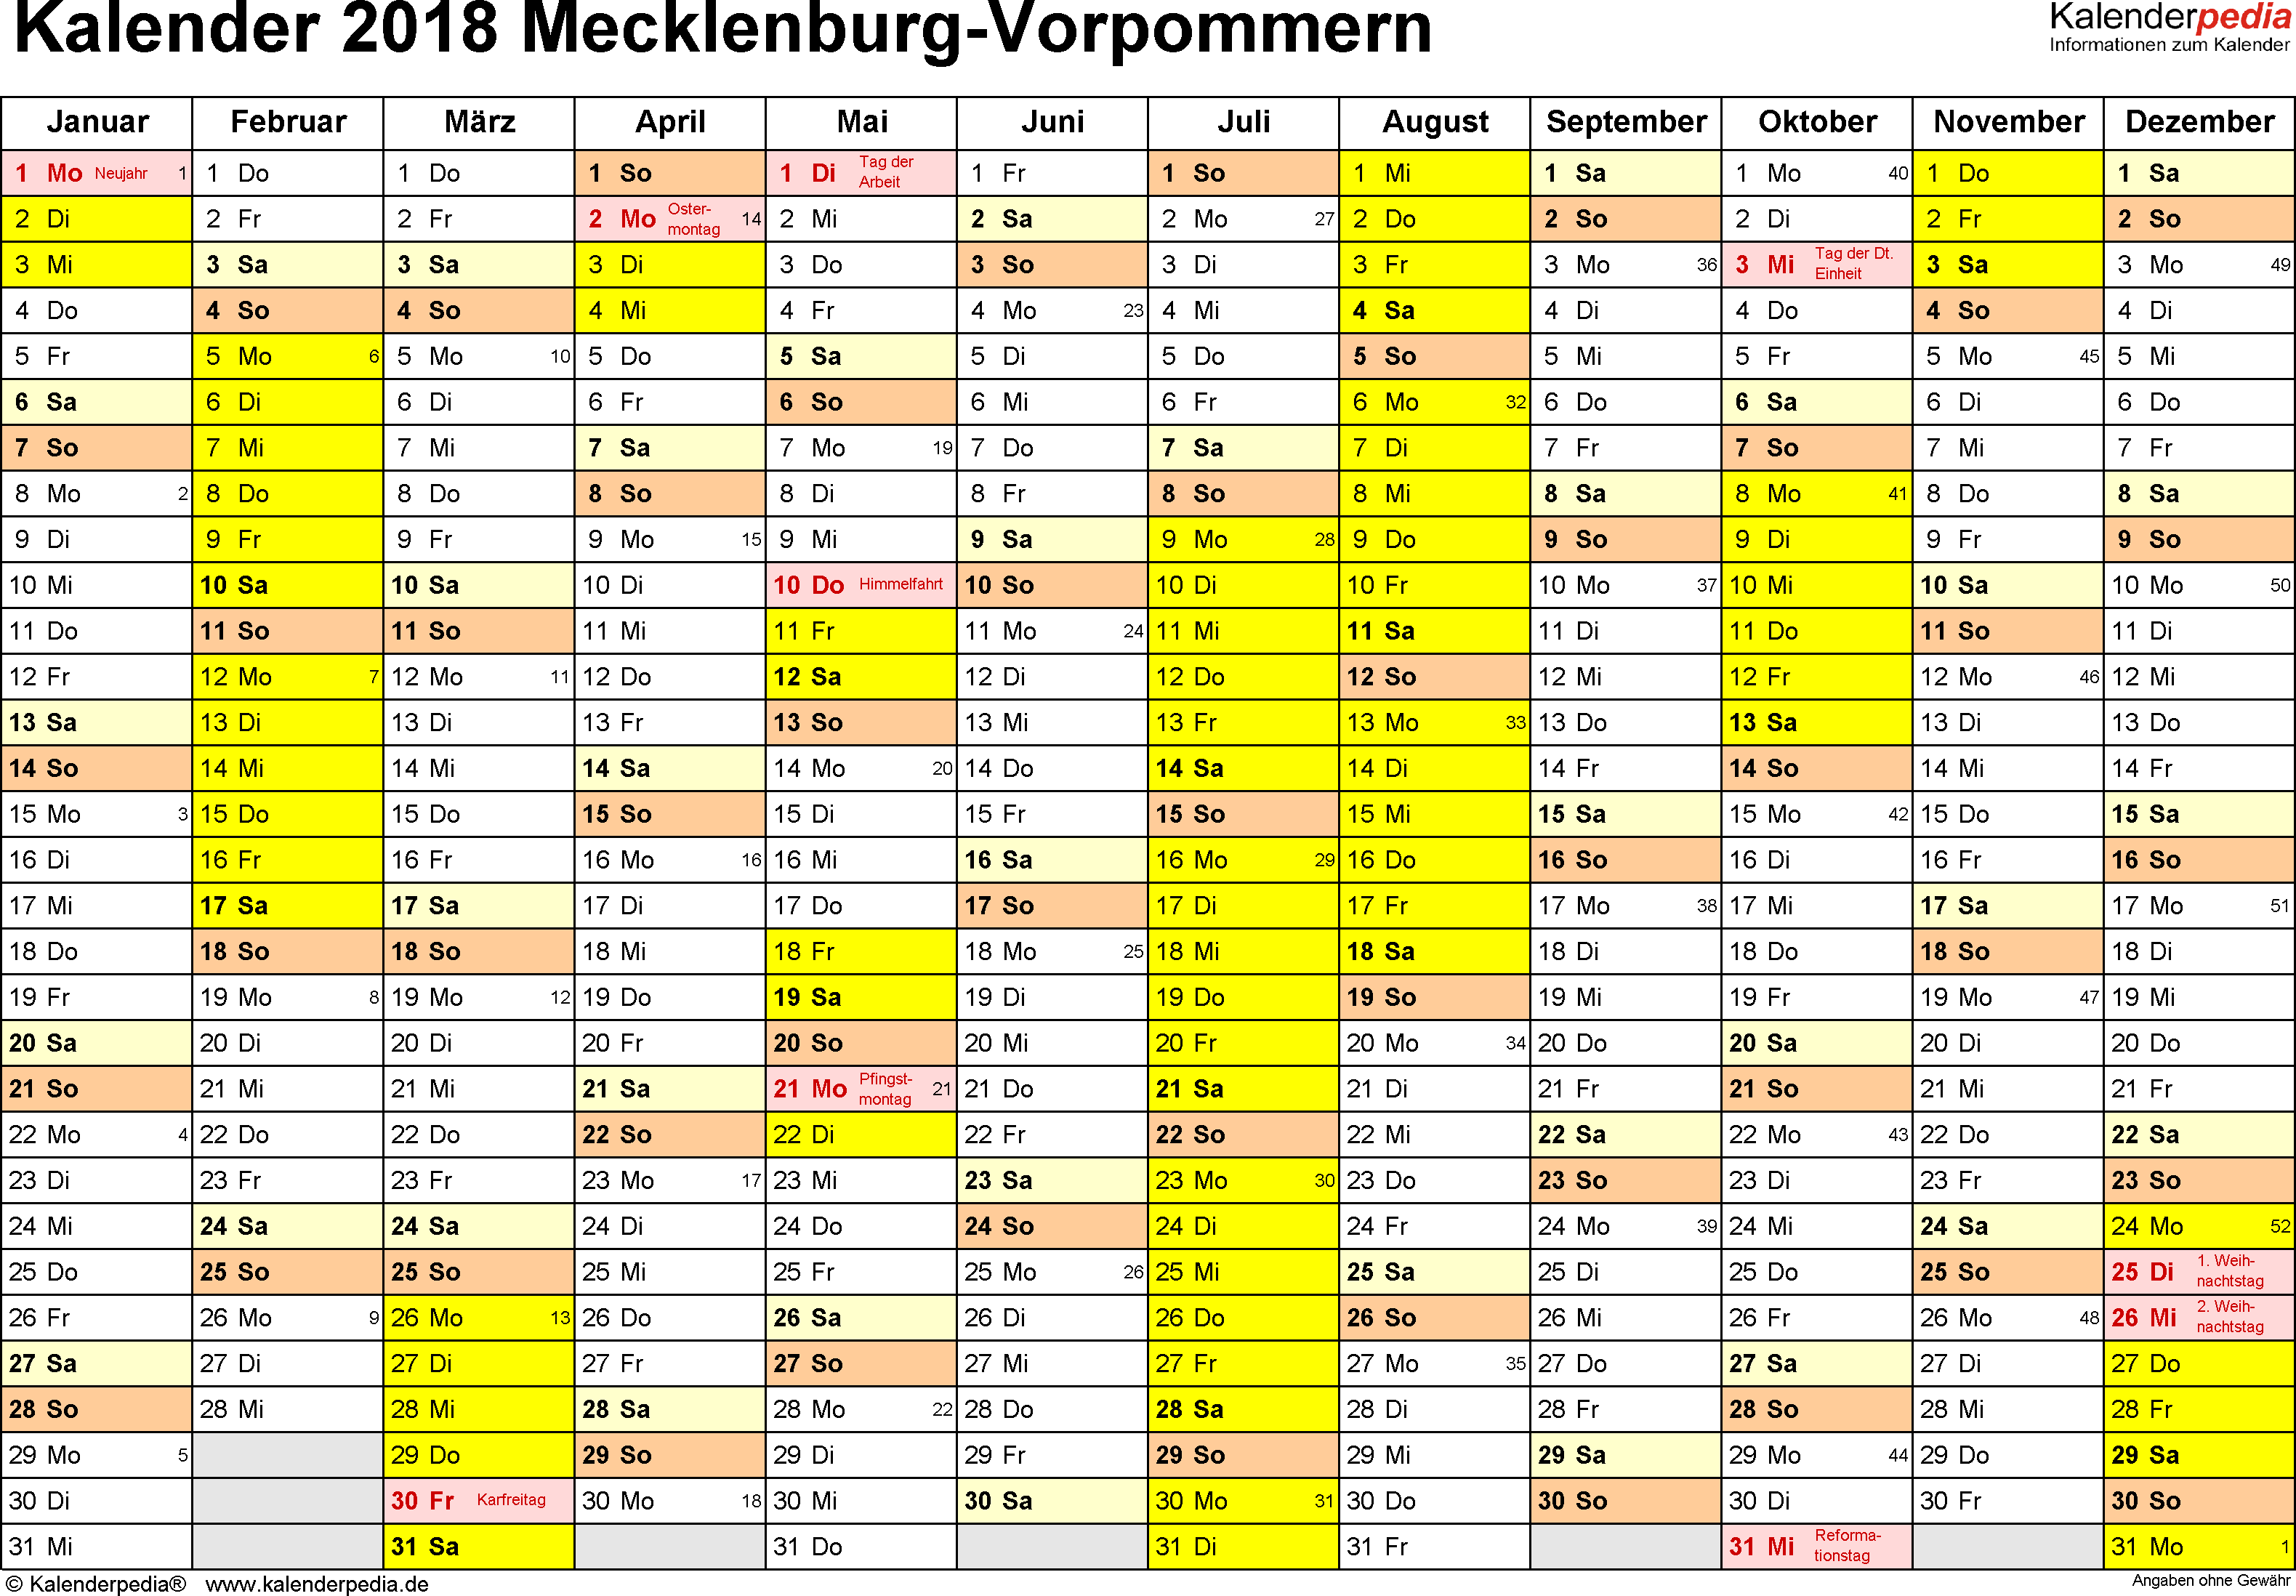 Vorlage 1: Kalender 2018 für Mecklenburg-Vorpommern als Word-Vorlage (Querformat, 1 Seite)